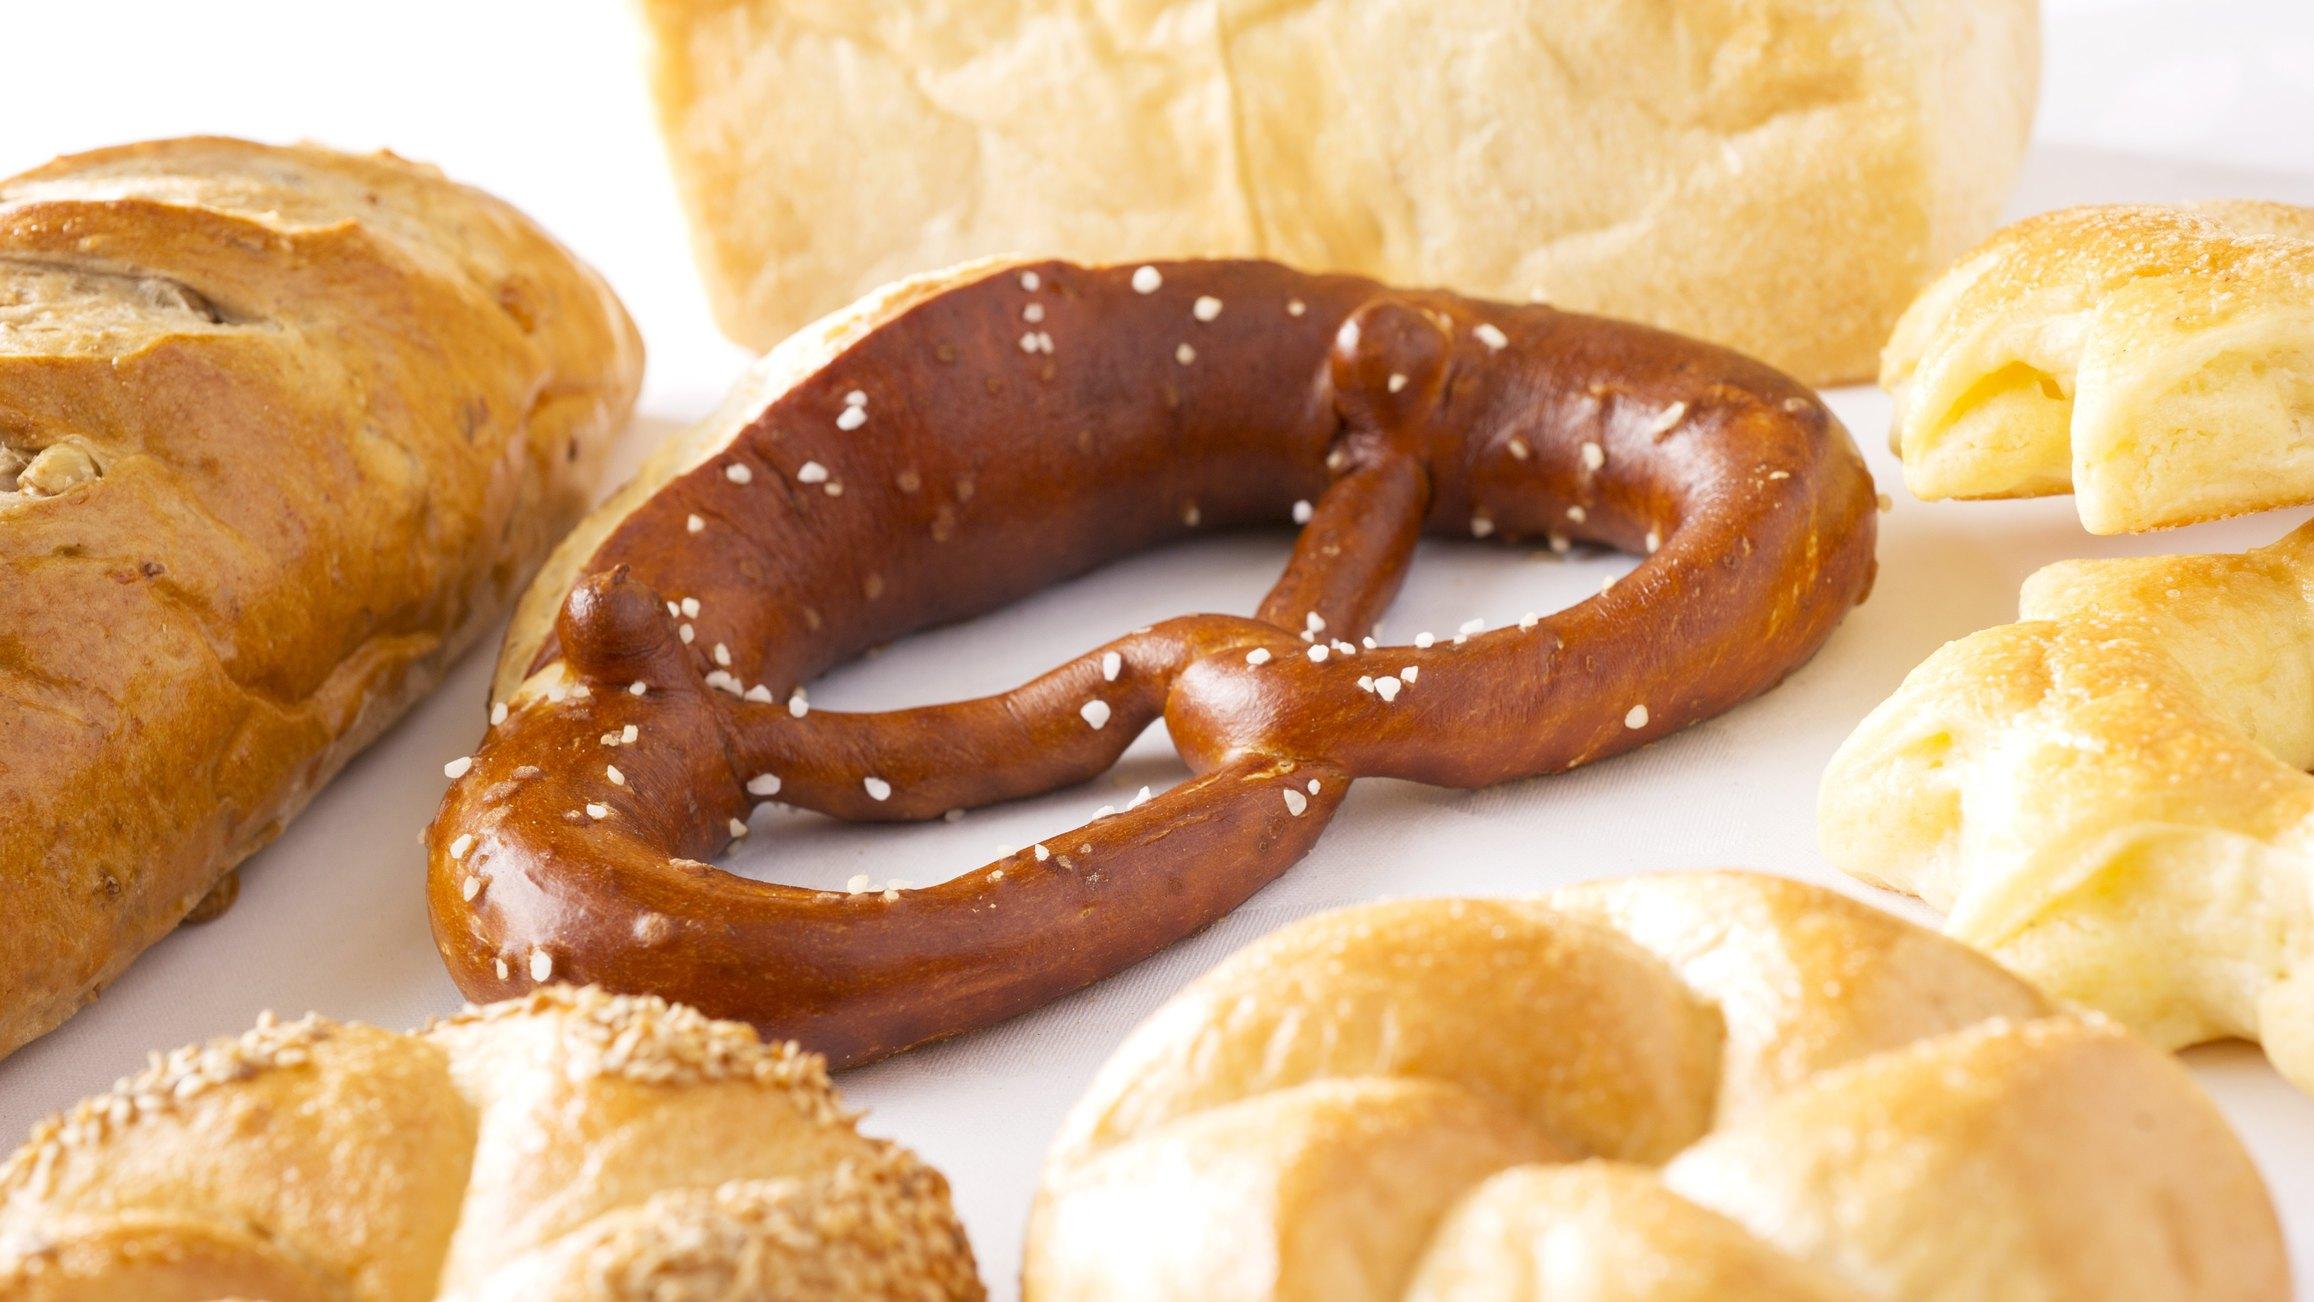 _《ベーカリーショップ サイラーのパン》